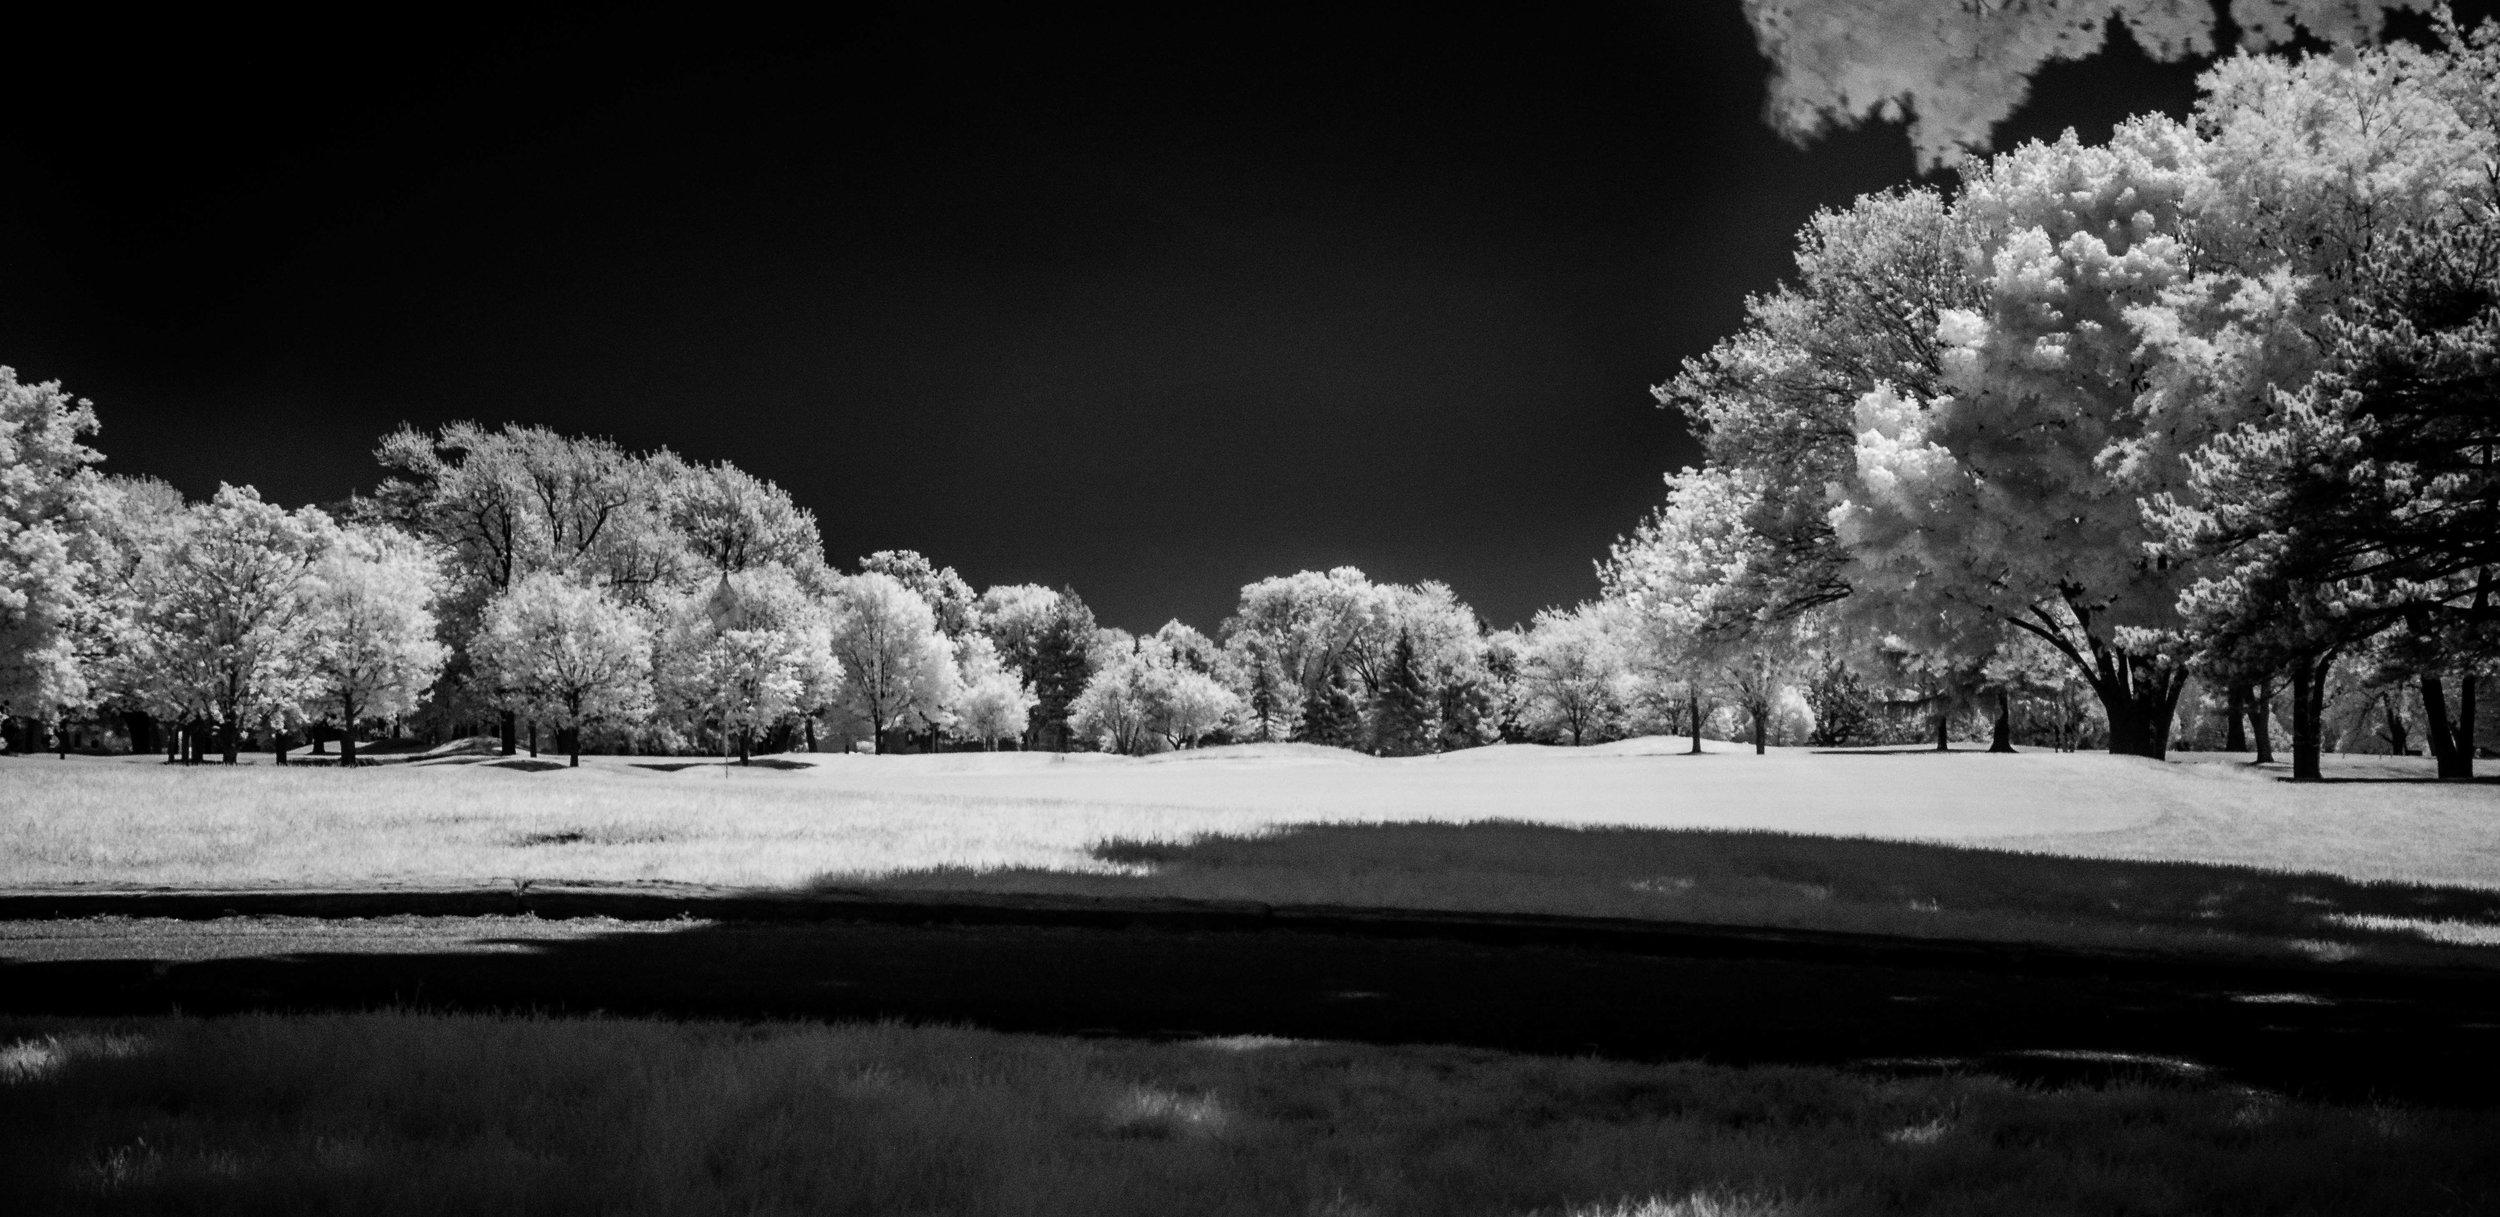 Porter_Photo_Infrared-12.jpg